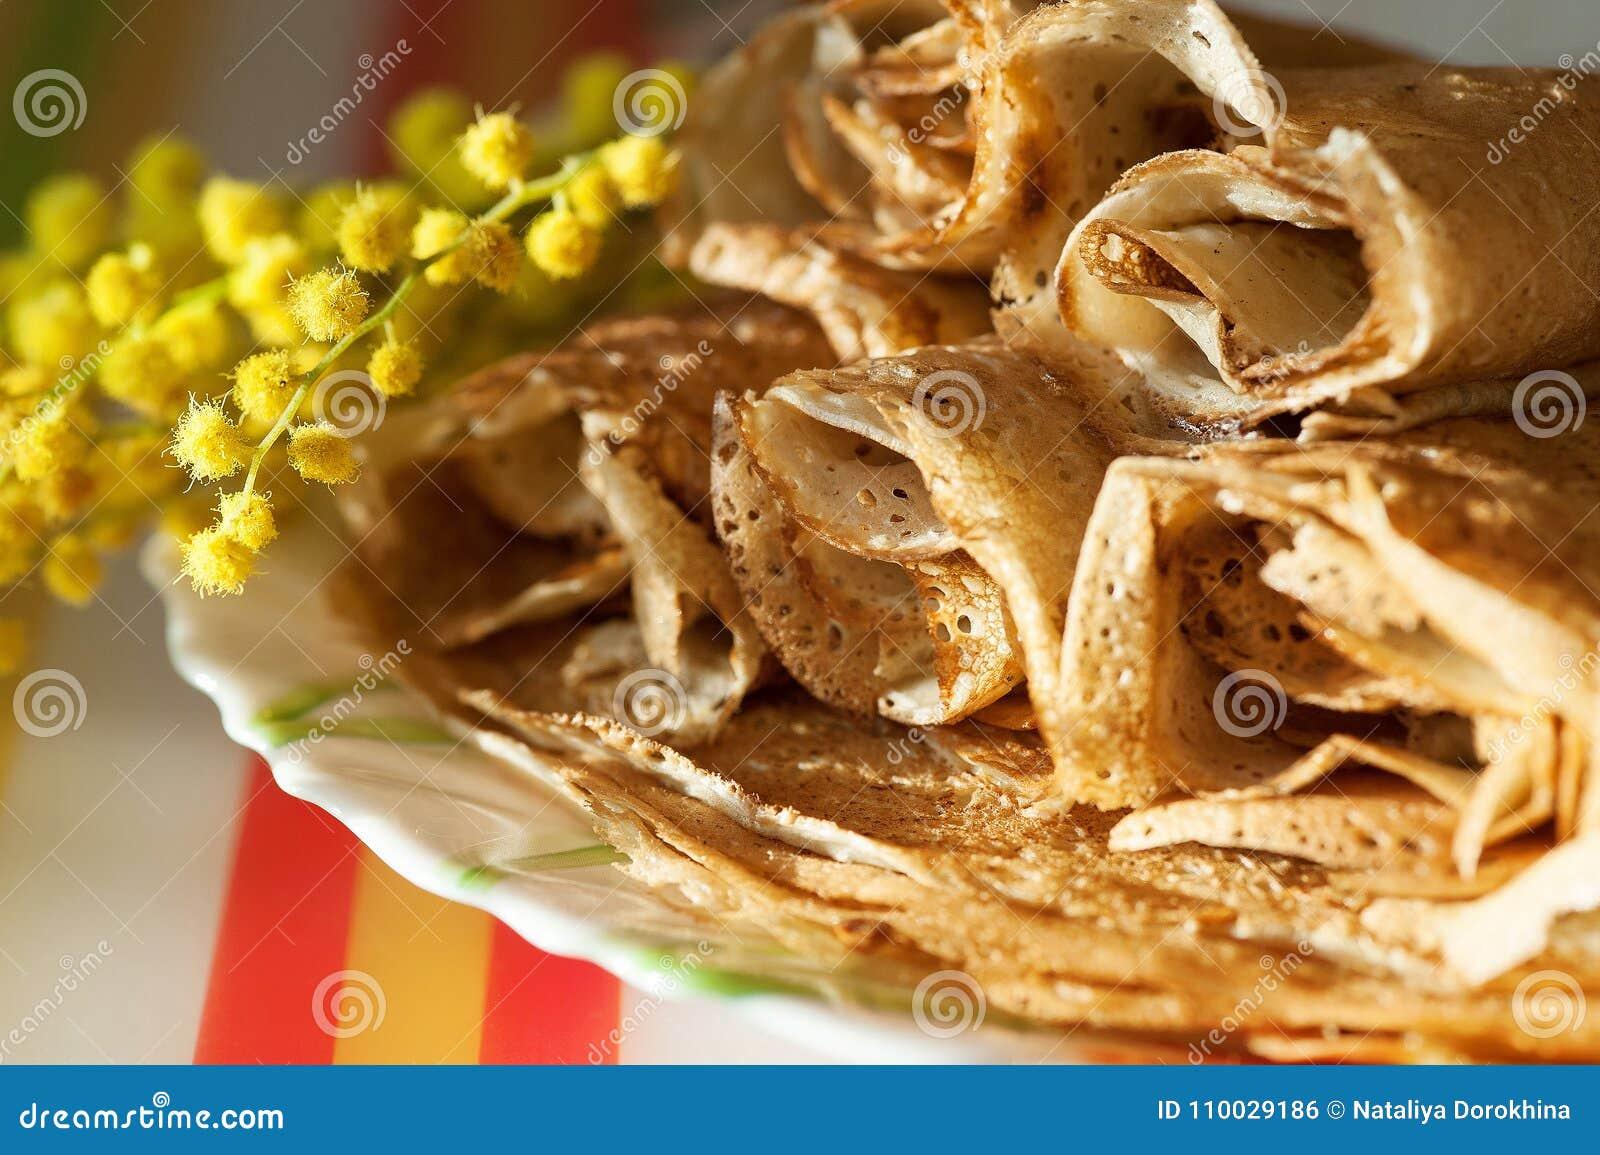 Russische Maslenitsa, Shrovetide, pannekoekweek, Carnaval, shrove, pannekoekdag een stapel pannekoeken met boter boven